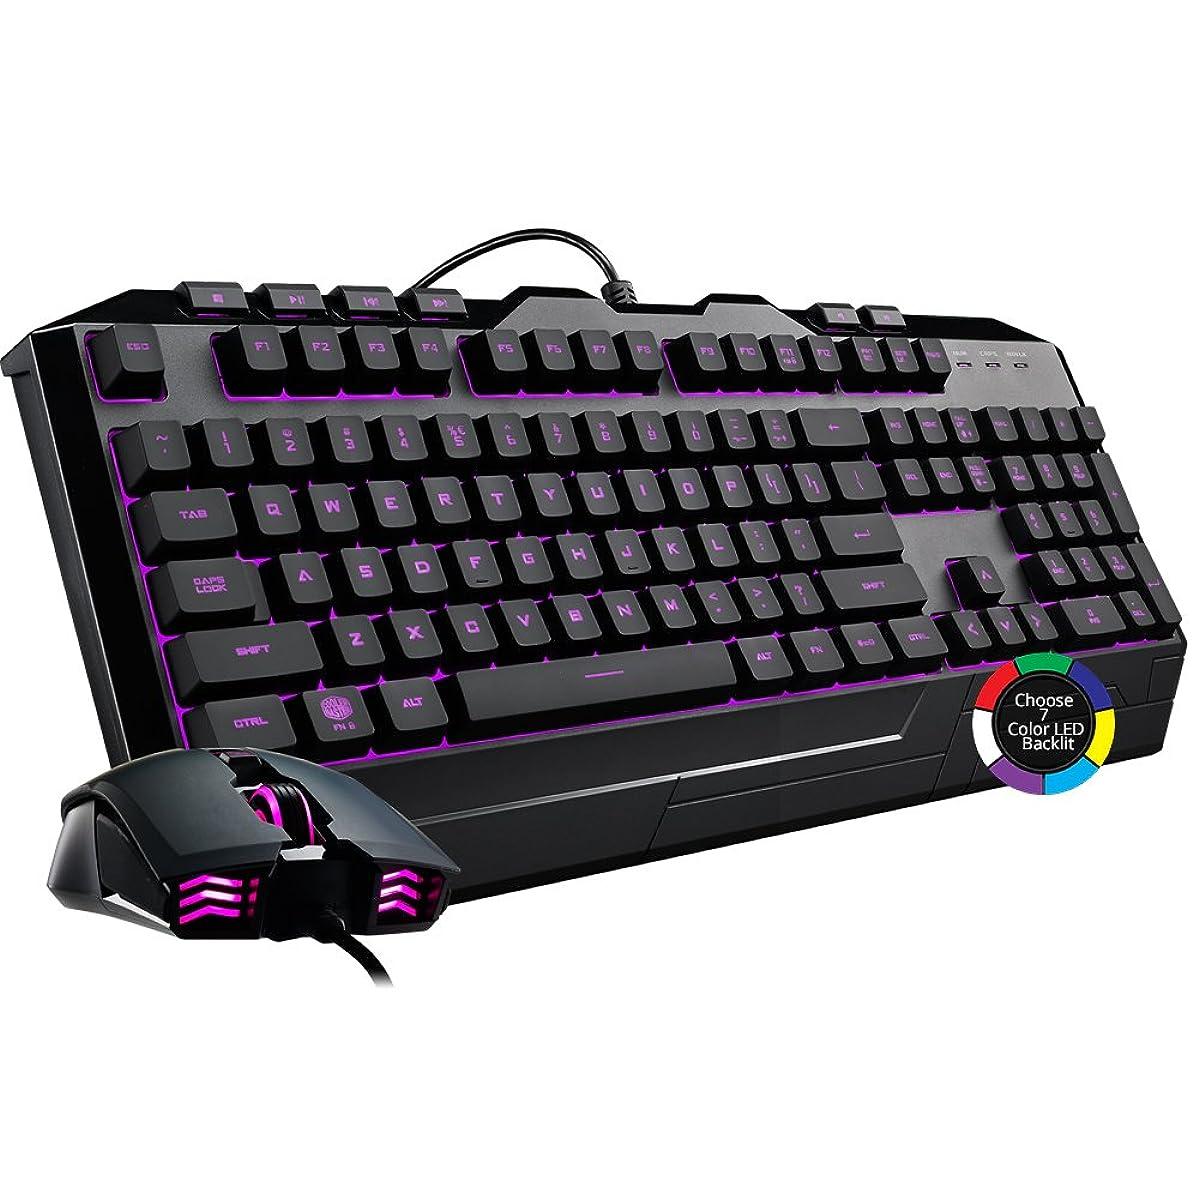 Cooler Master Devastator 3 Gaming Keyboard & Mouse Combo, 7 Color Mode LED Backlit, Media Keys, 4 DPI Settings